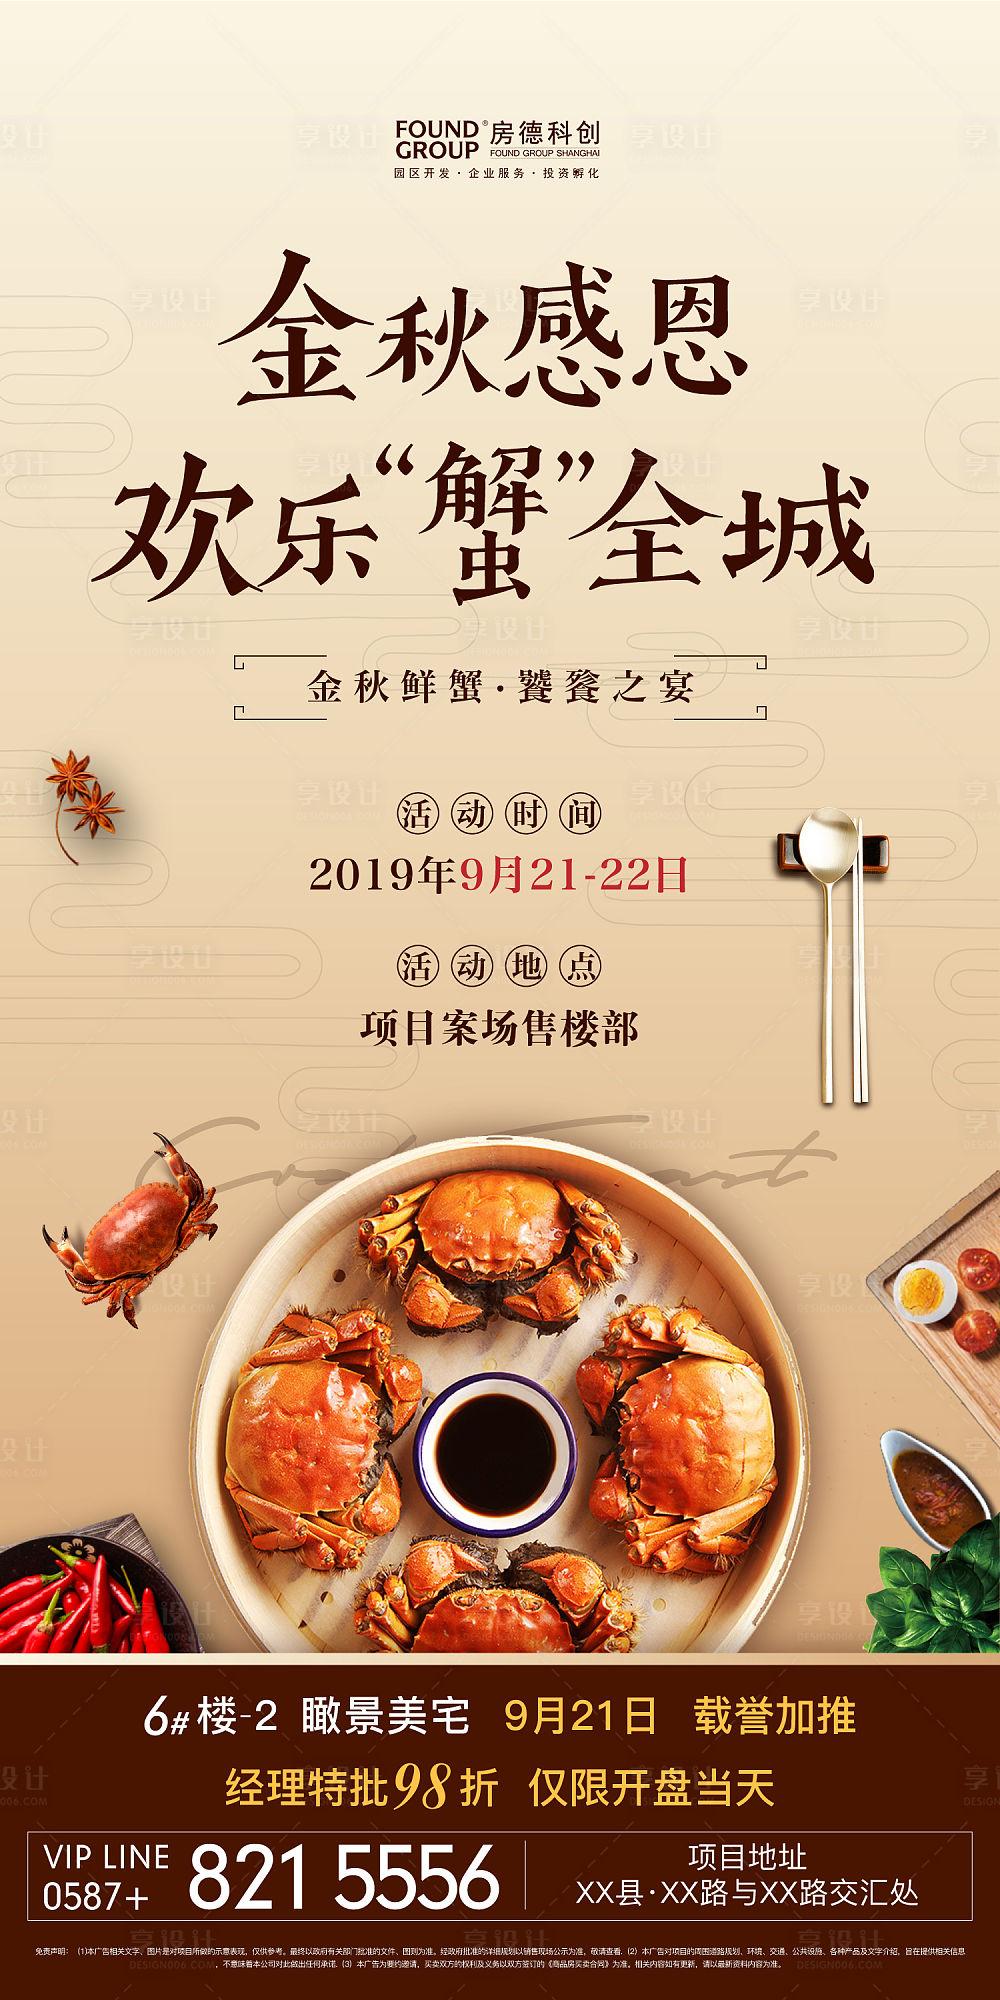 【源文件下载】 海报 房地产 螃蟹 大闸蟹 活动 美食